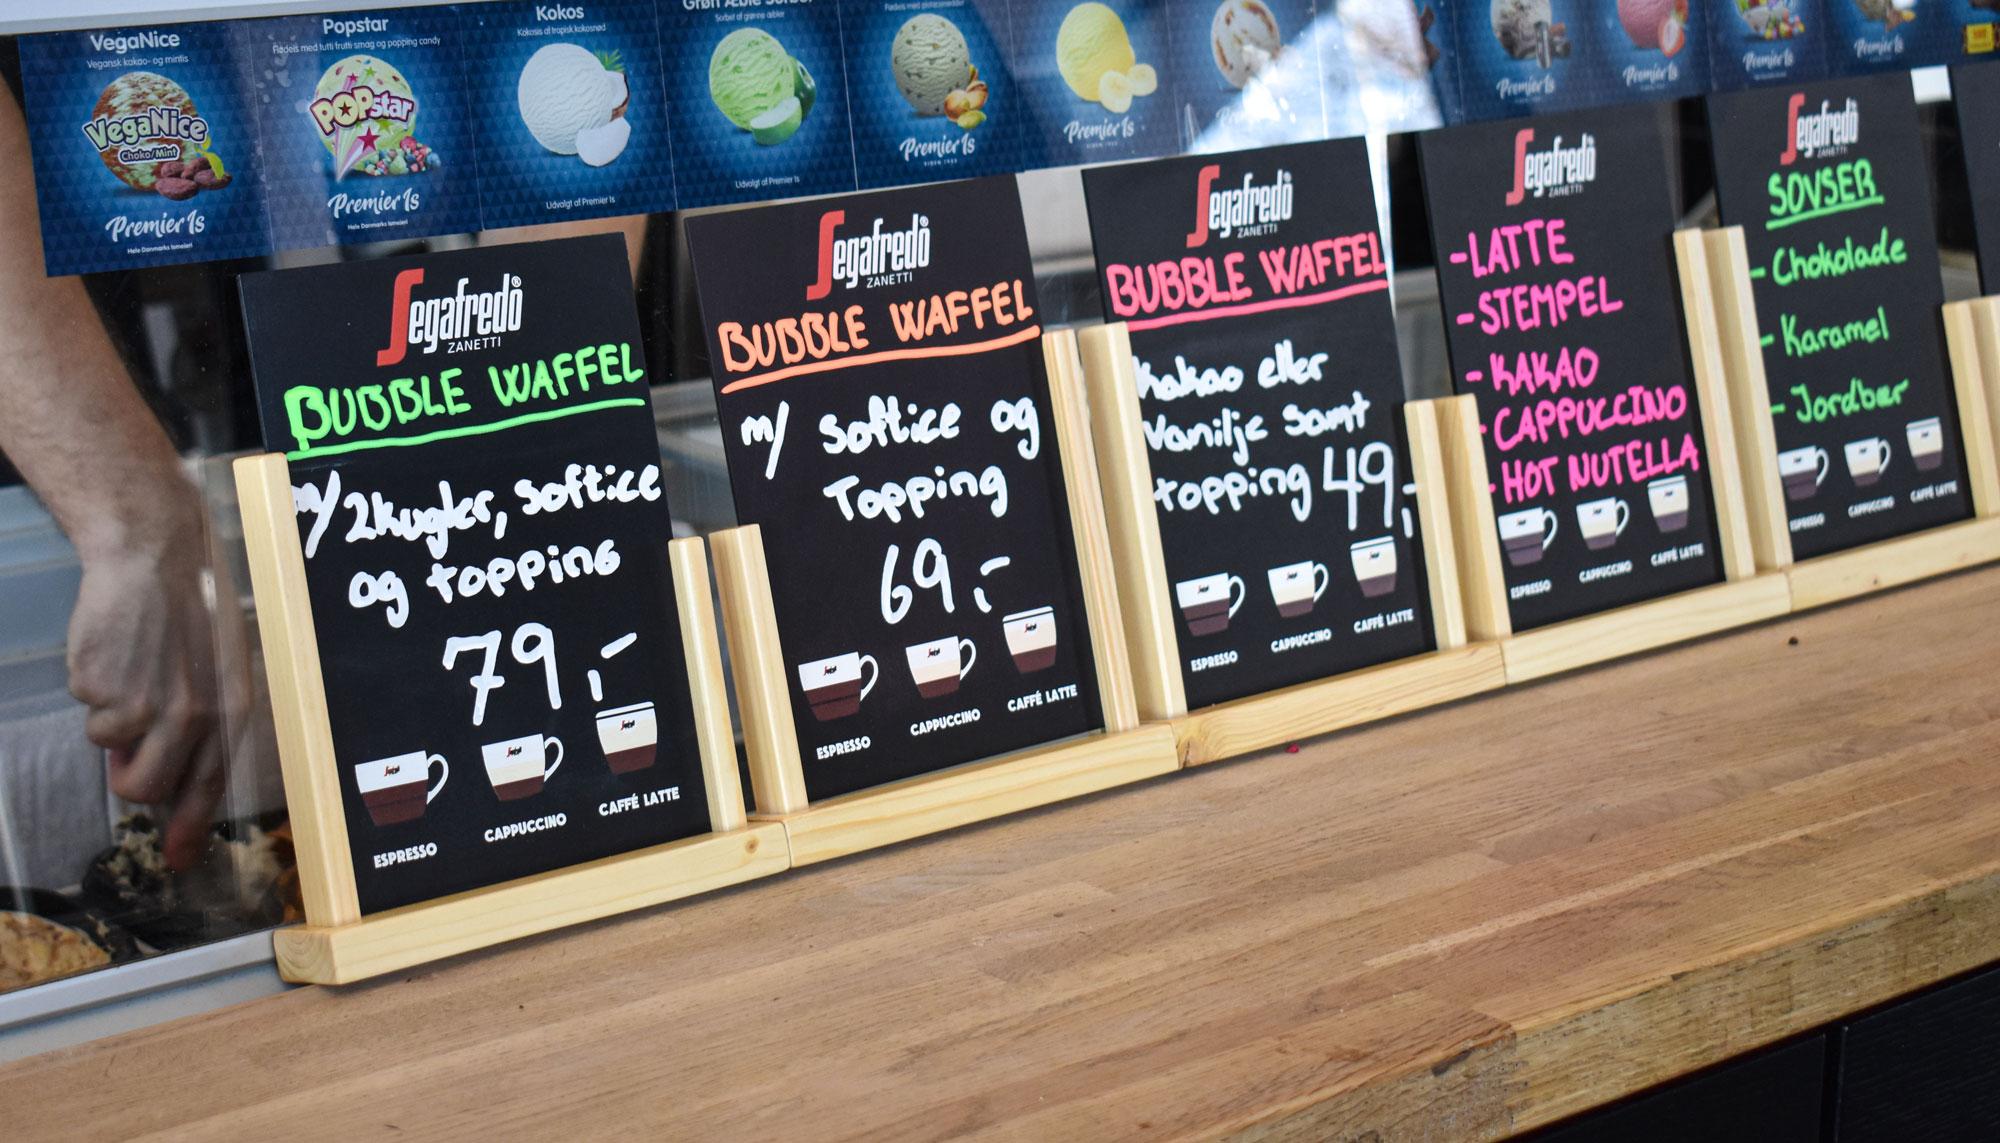 Påskenyhed i Aalborg: Nu lanceres Bubble Waffle med kakaosmag